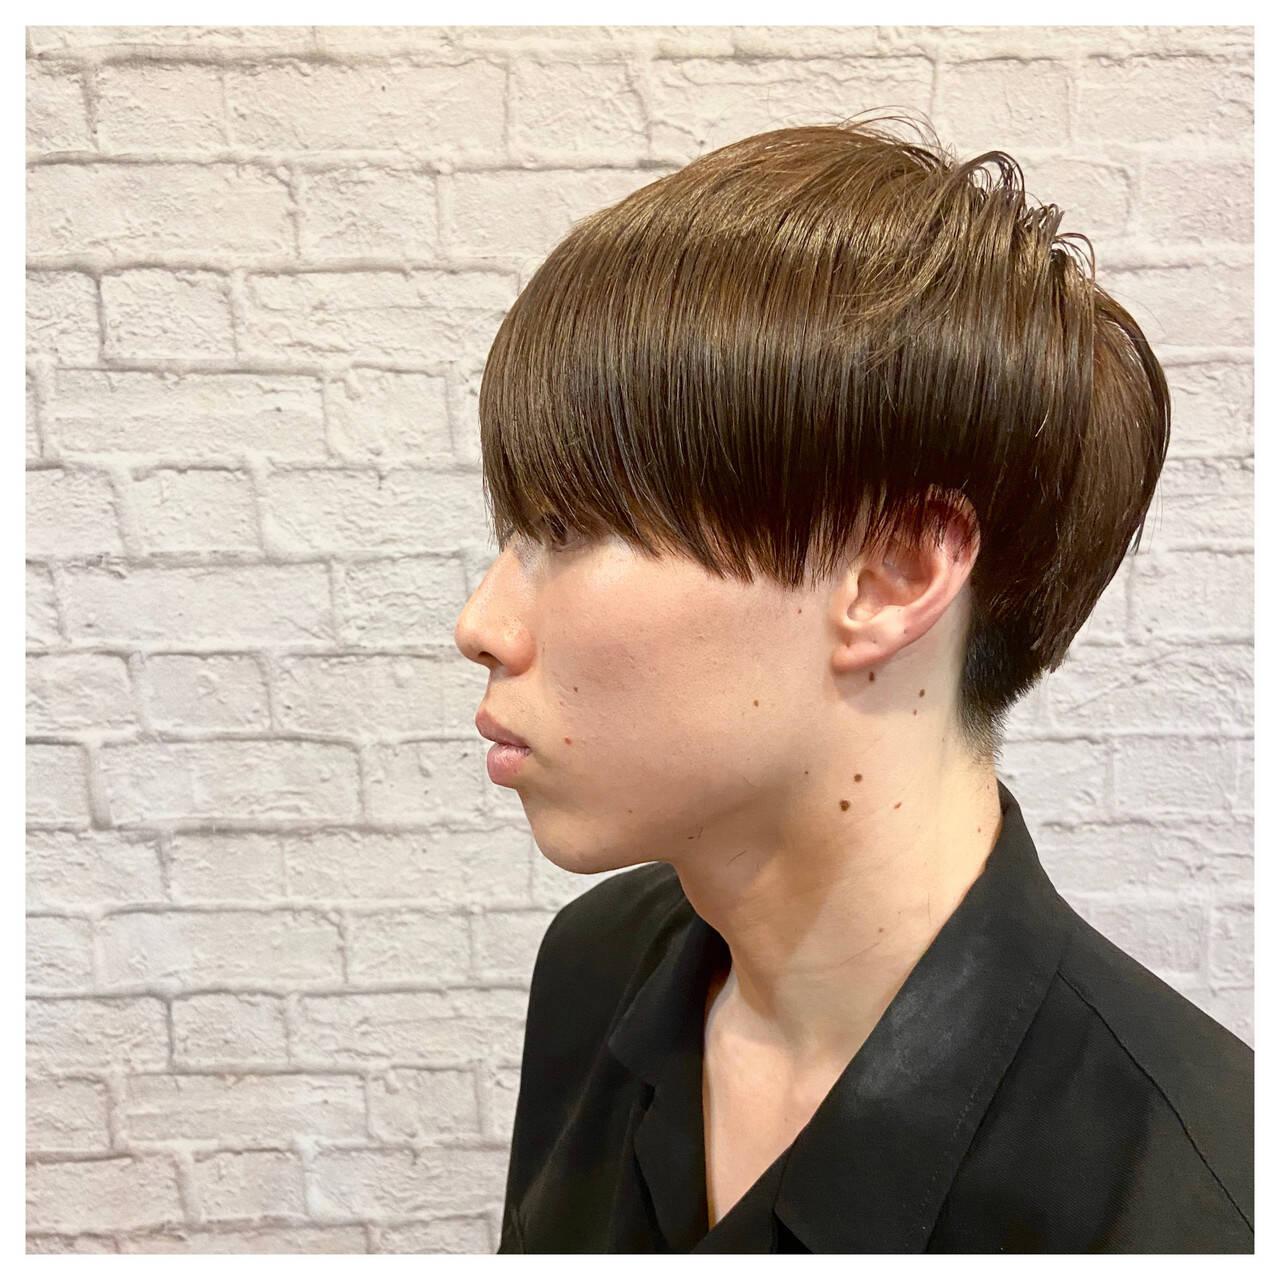 ショートマッシュ ショート メンズカット メンズマッシュヘアスタイルや髪型の写真・画像